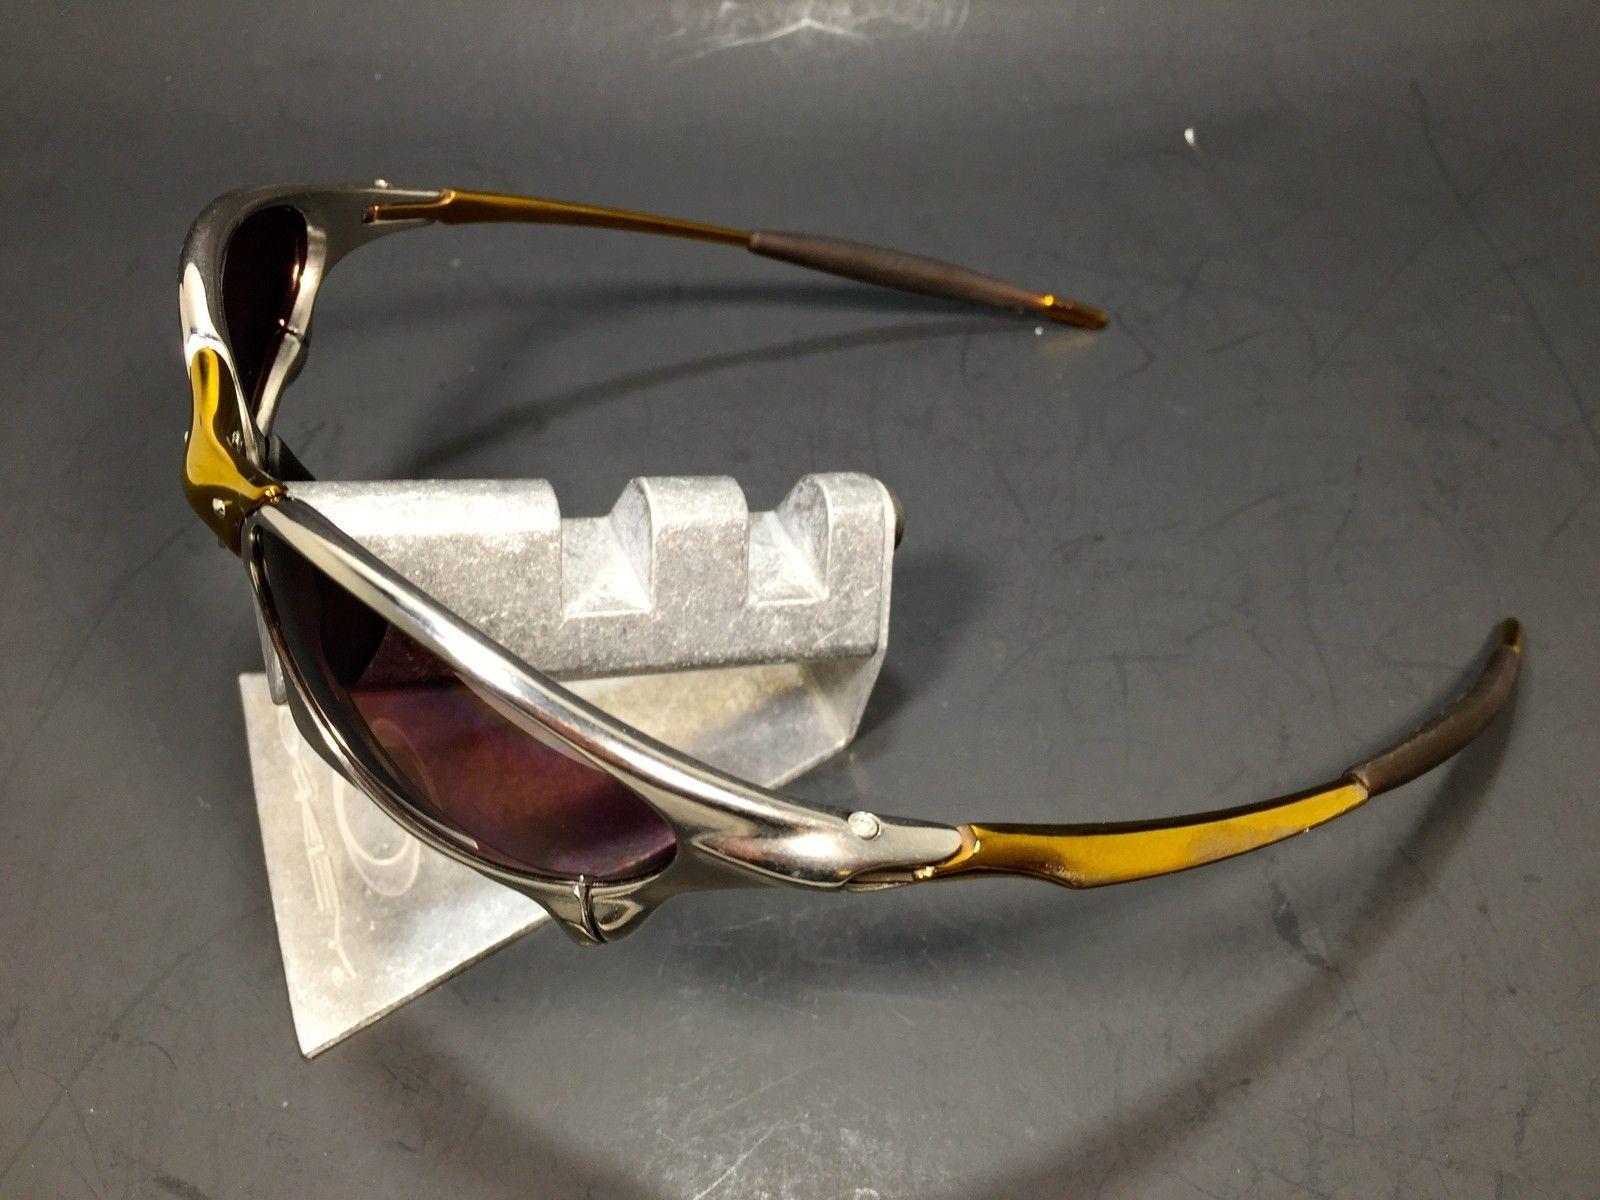 Anodized Ti-Cu Polished Penny w/ Prizm Daily Polar Lenses - IMG_2151.JPG